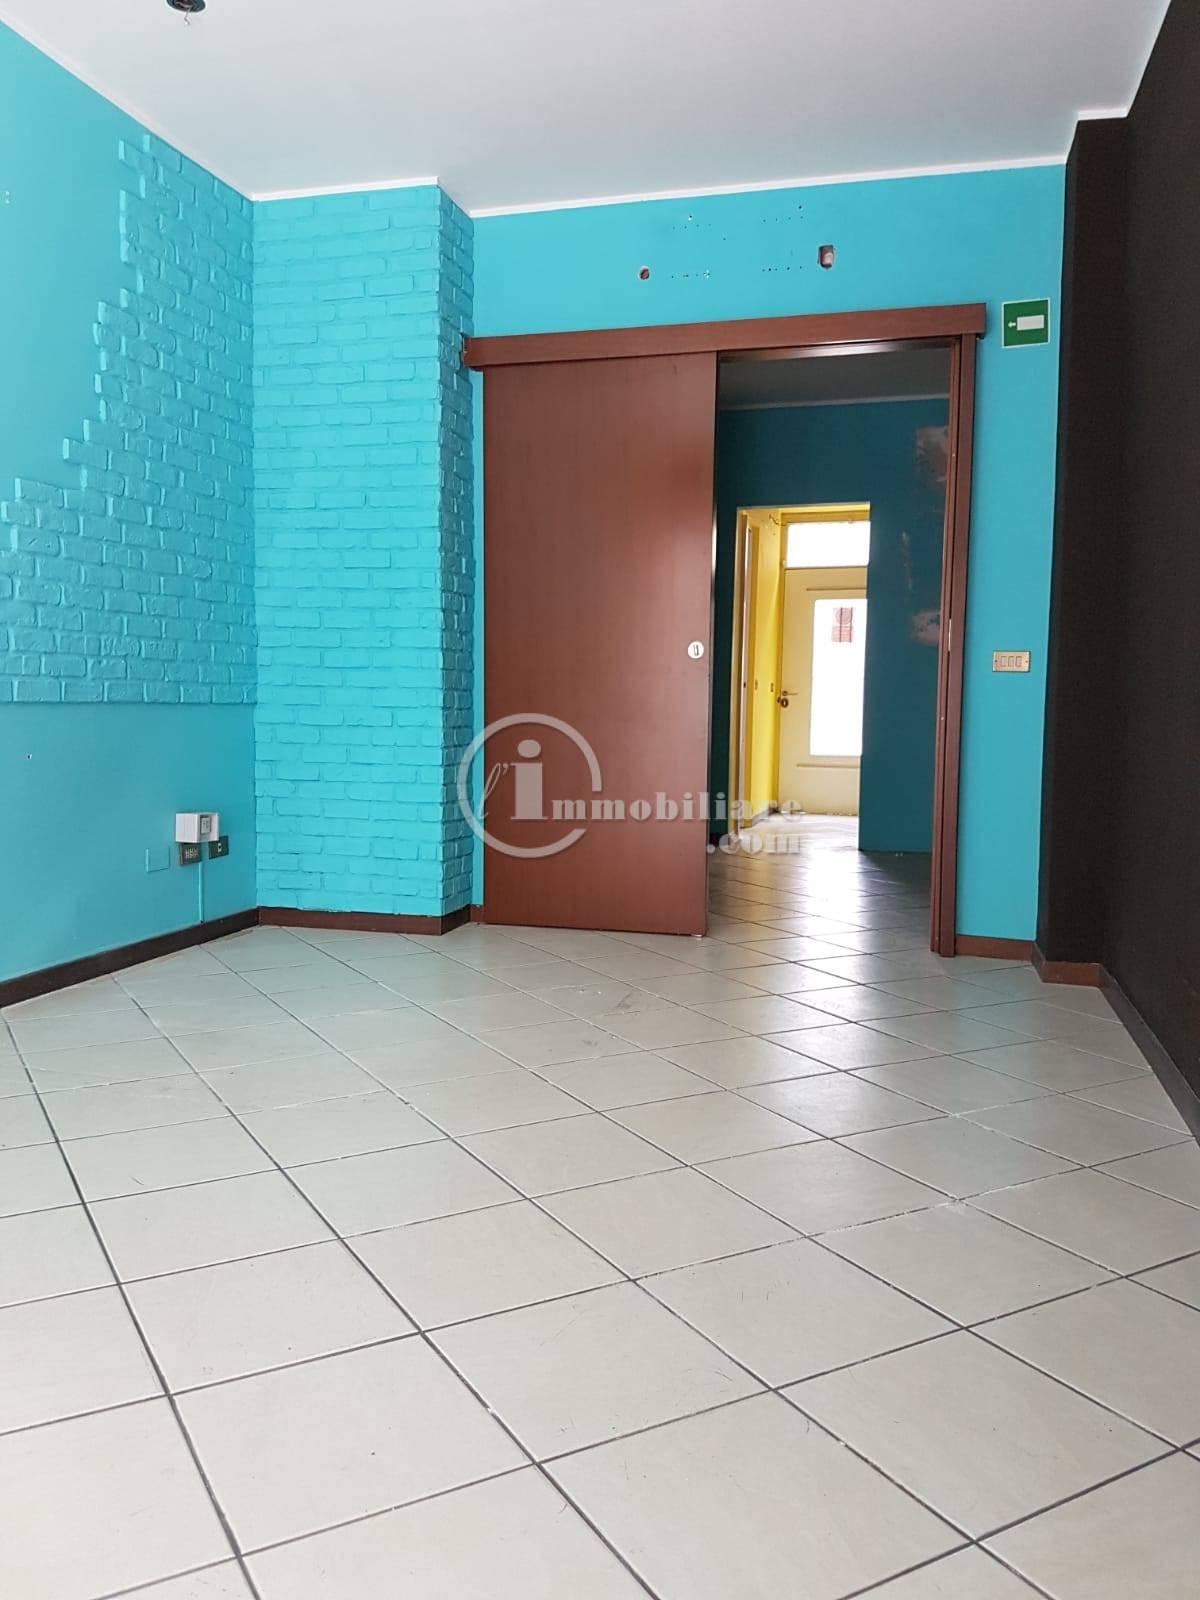 Agenzie Immobiliari Corsico 135-neg03 - negozio in affitto/vendita a corsico - l